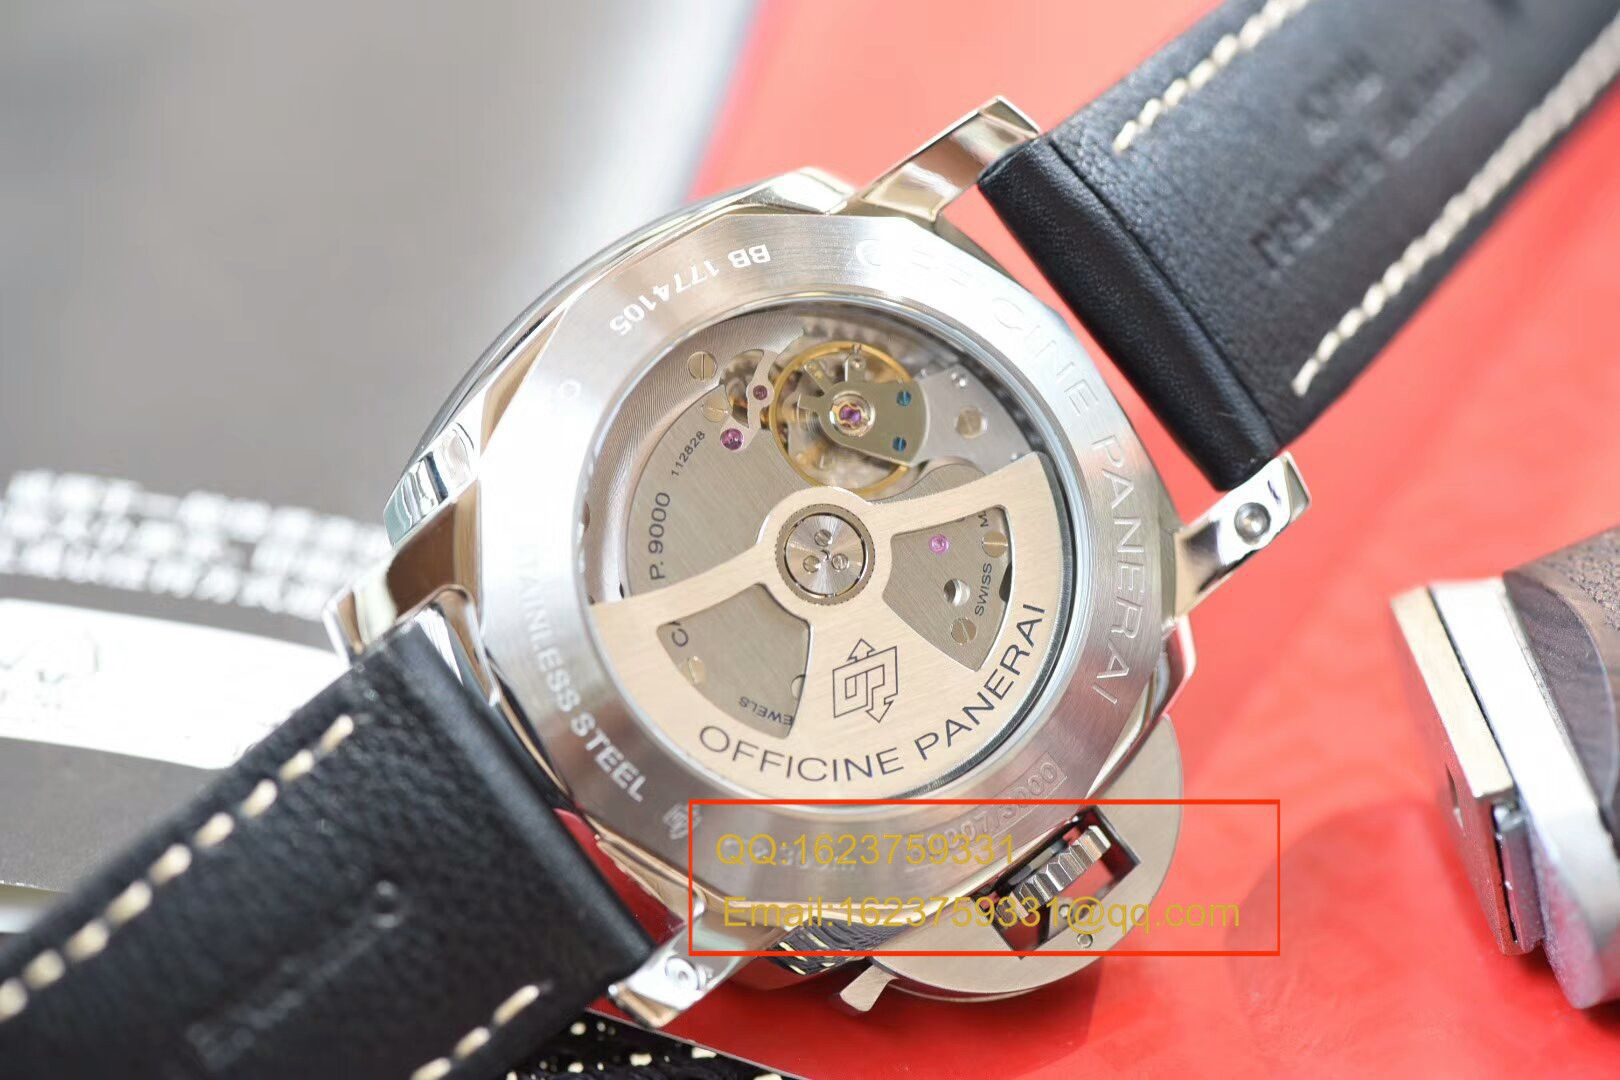 视频评测沛纳海LUMINOR 1950系列PAM 00359腕表一比一高仿手表【VS沛纳海359 V2 版 同步正品机芯功能!】